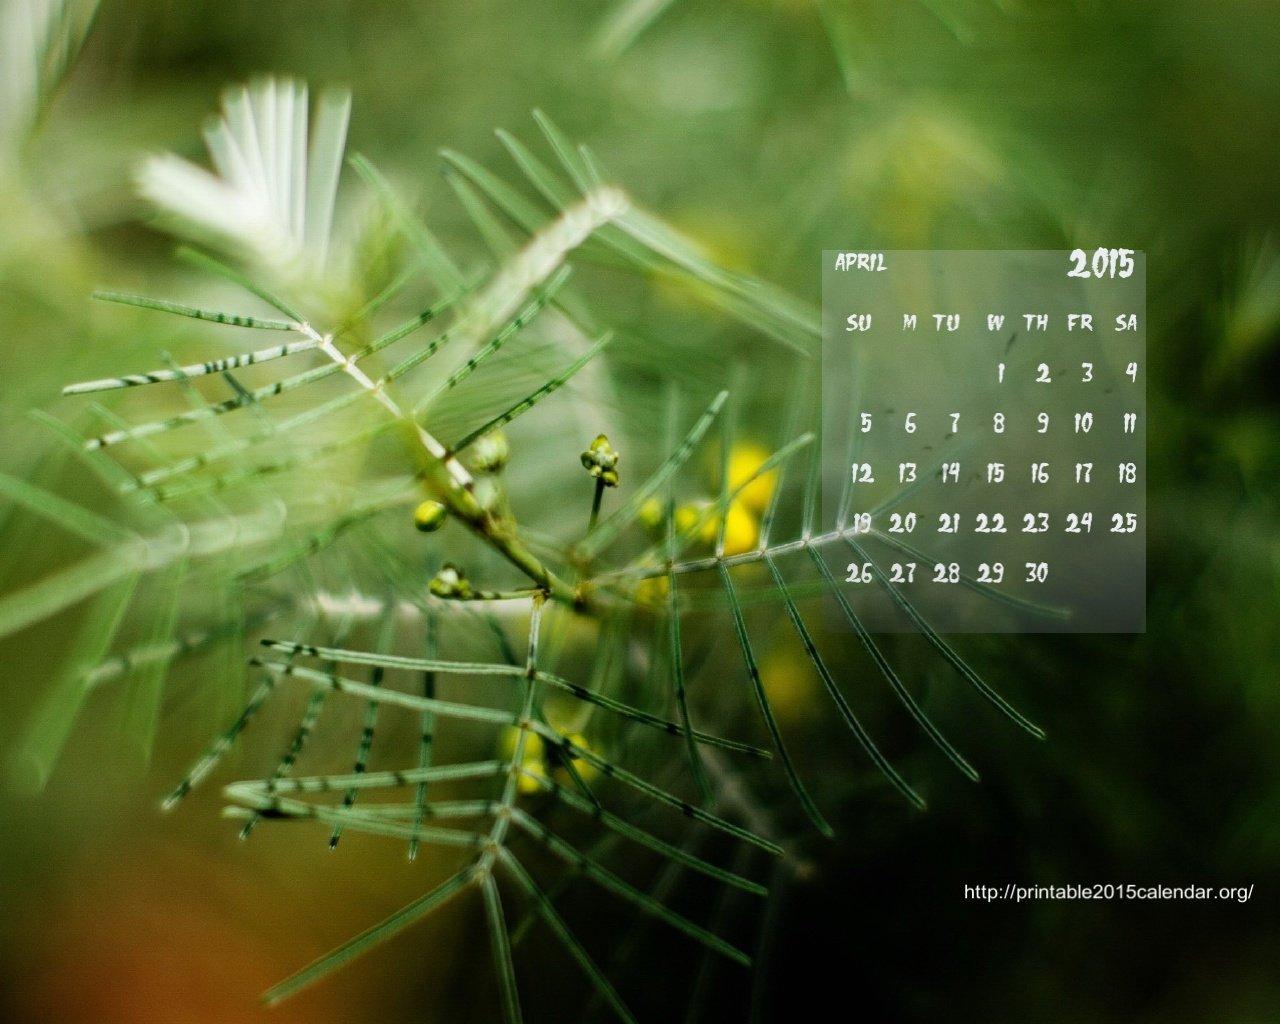 Monthly Calendar Wallpaper : March calendar wallpaper wallpapersafari